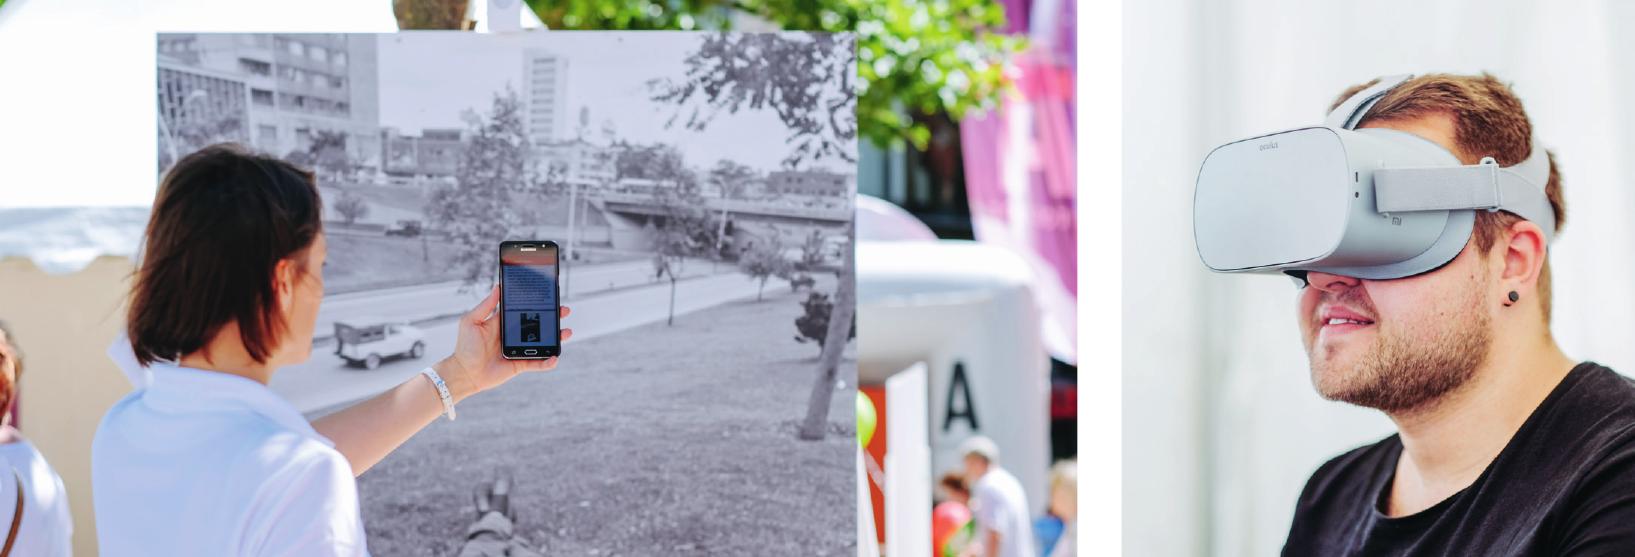 Viele Projekte aus #WolfsburgDigital wurden den Wolfsburgern zum Ausprobieren und Erleben beim diesjährigen Stadtfest zu 80 Jahre Wolfsburg vorgestellt. Fotos: Janina Snatzke